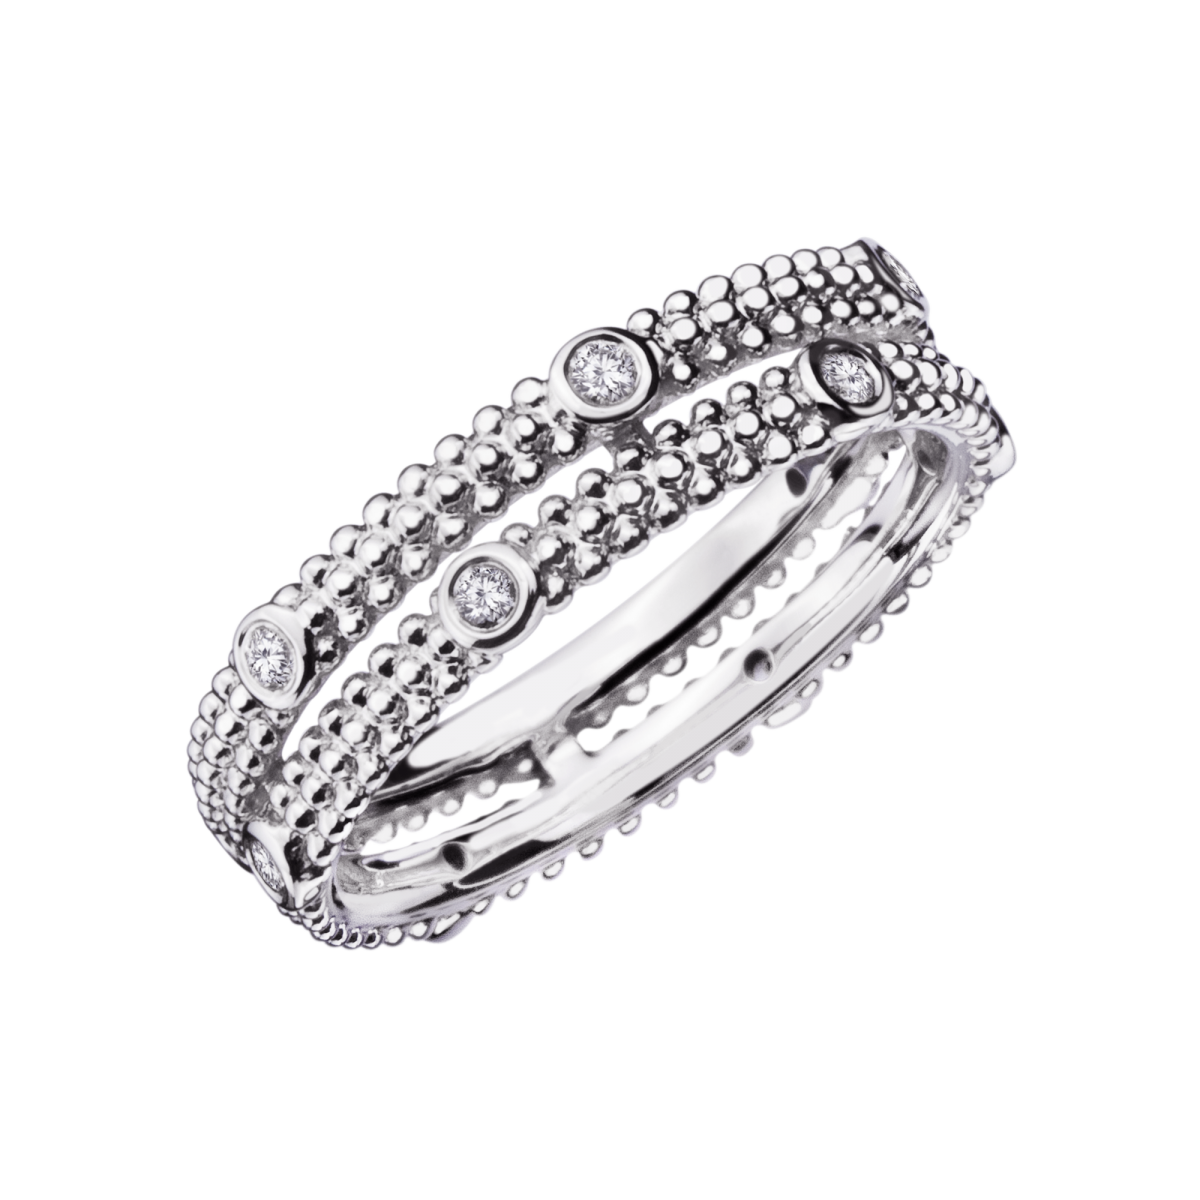 Souvent Bague Le Premier Jour ANGE, or blanc, diamants - Mauboussin | GIFT  HL94